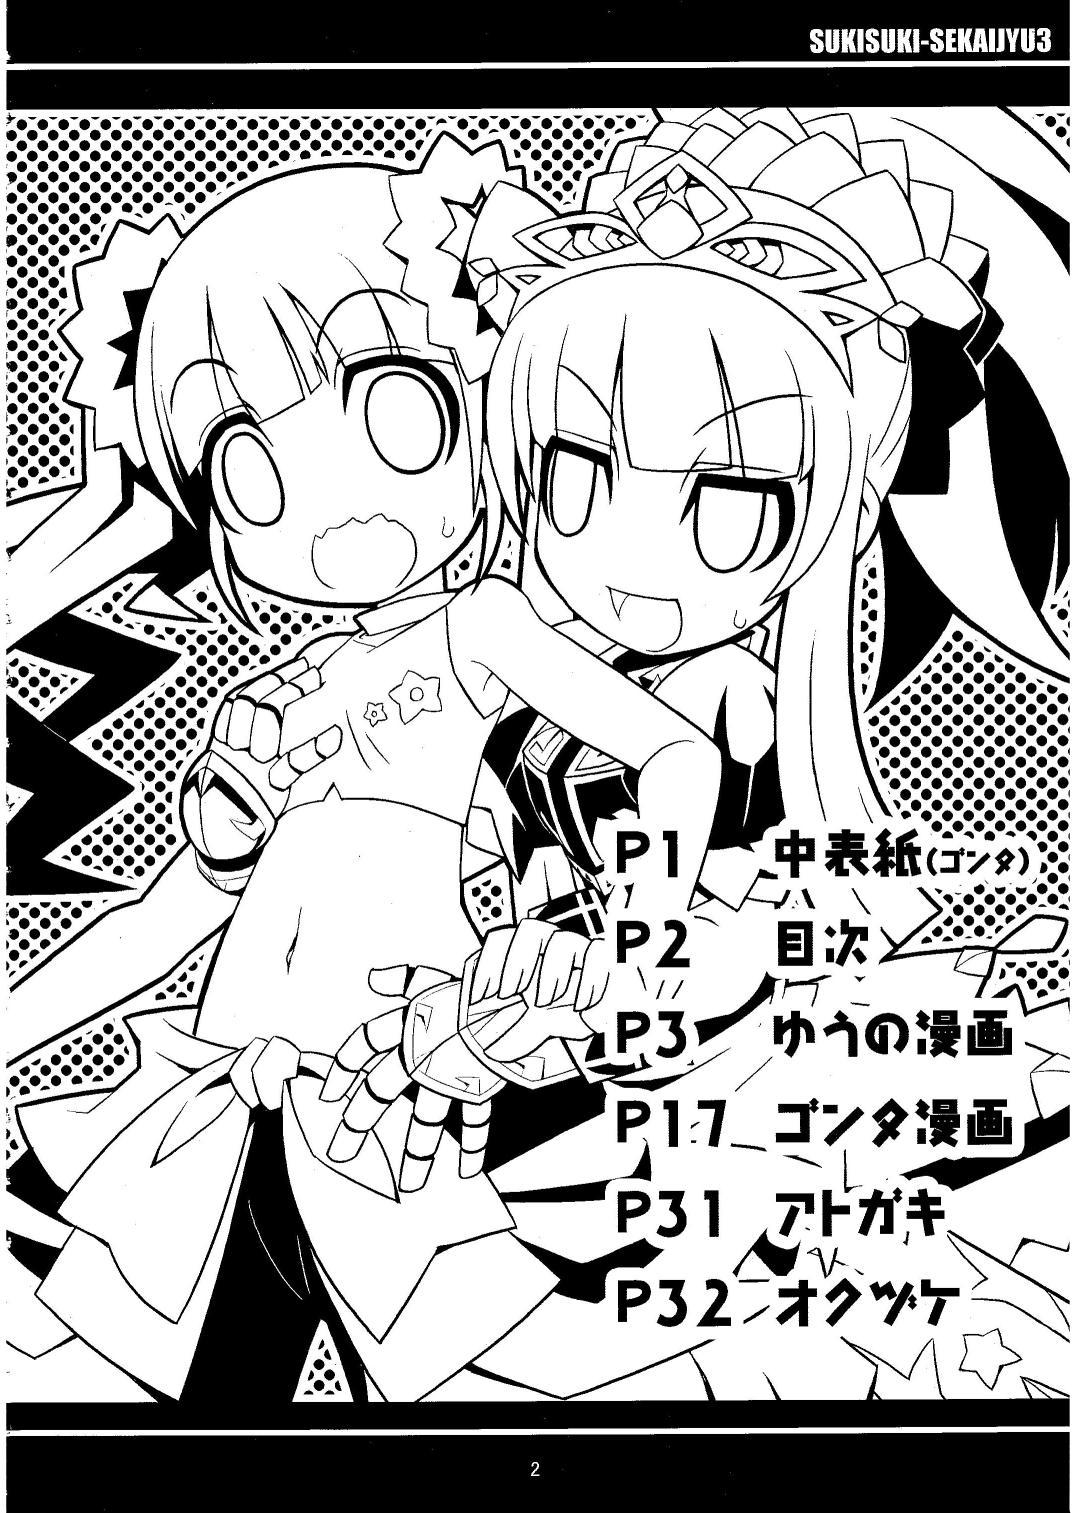 Suki Suki ☆ Sekaiju III 3